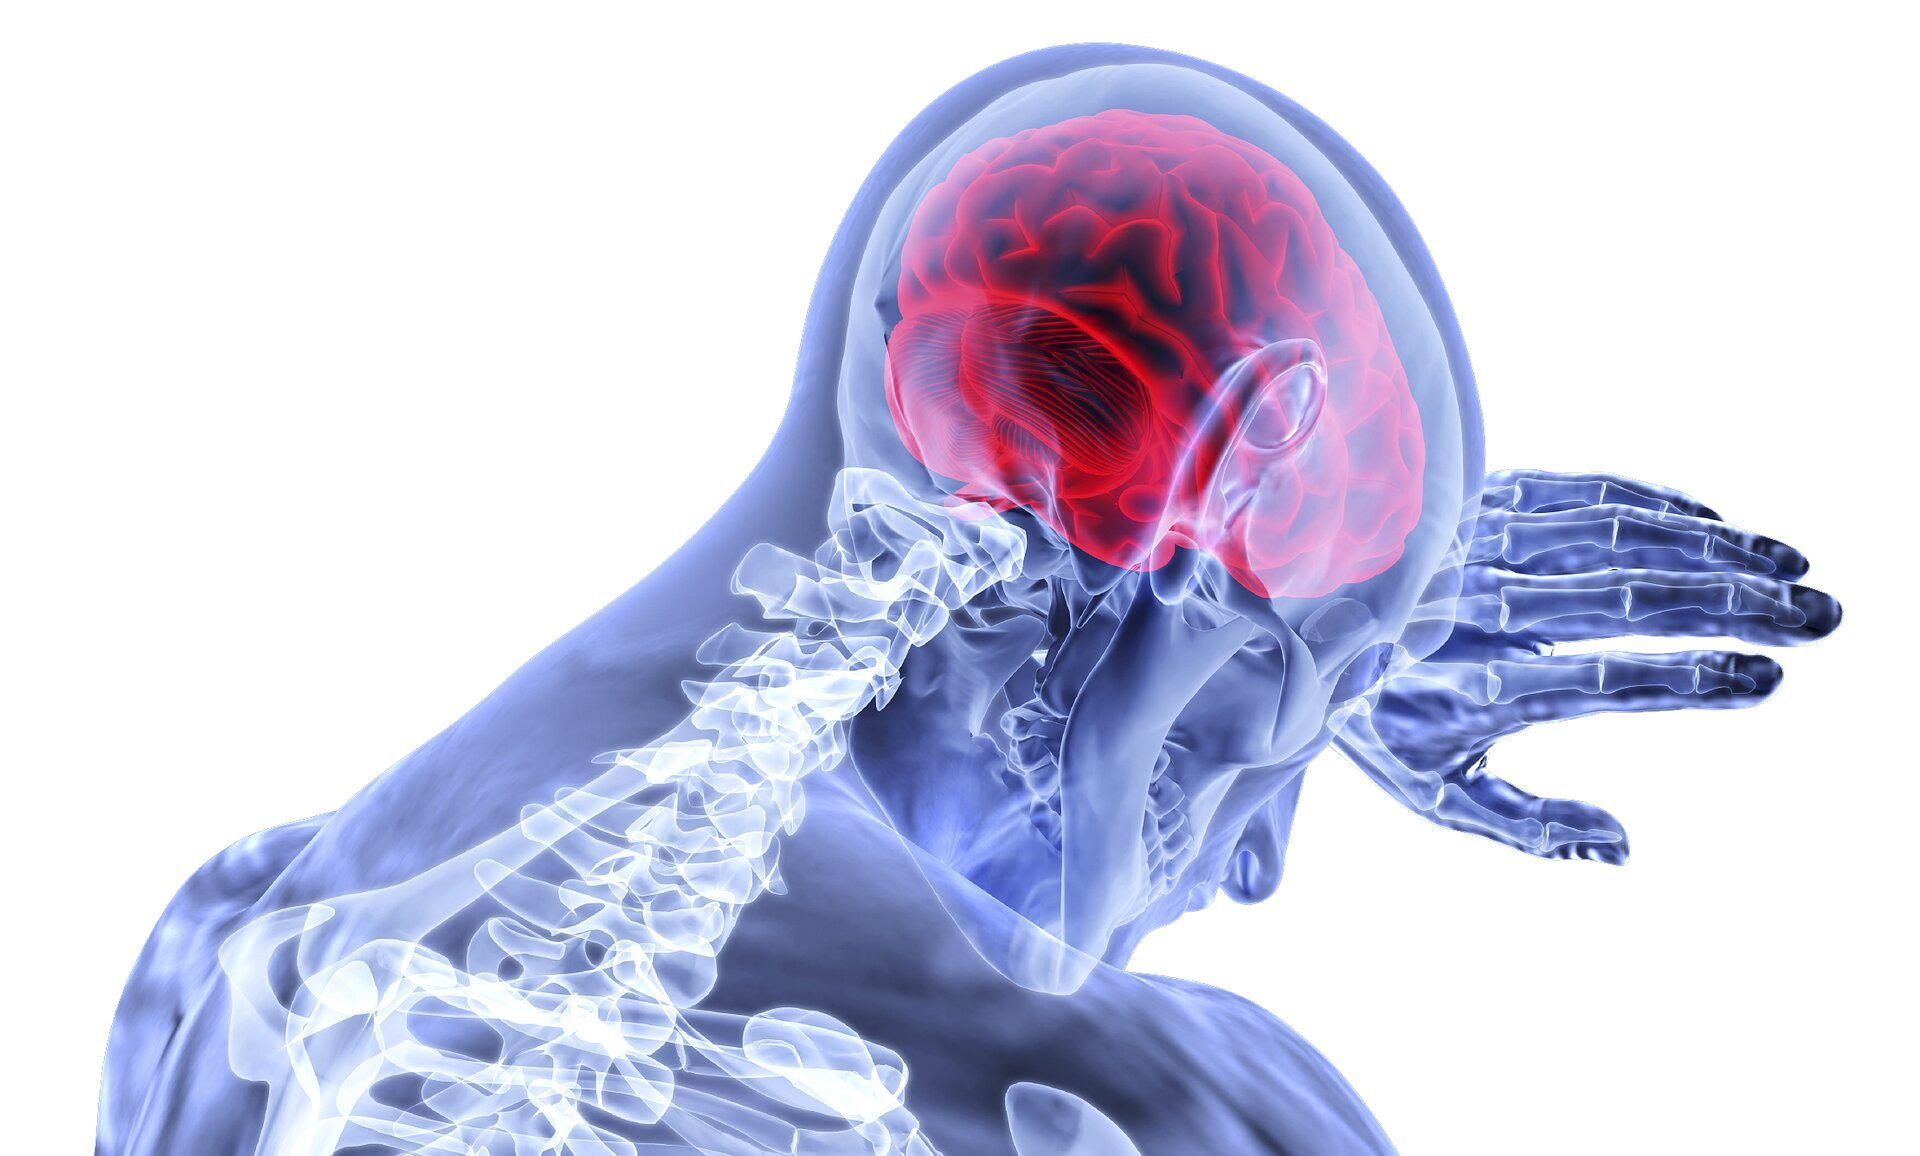 Gemischte Ergebnisse auf frühen menschlichen Prüfung von Eisen-Chelat-nach Gehirn Bluten